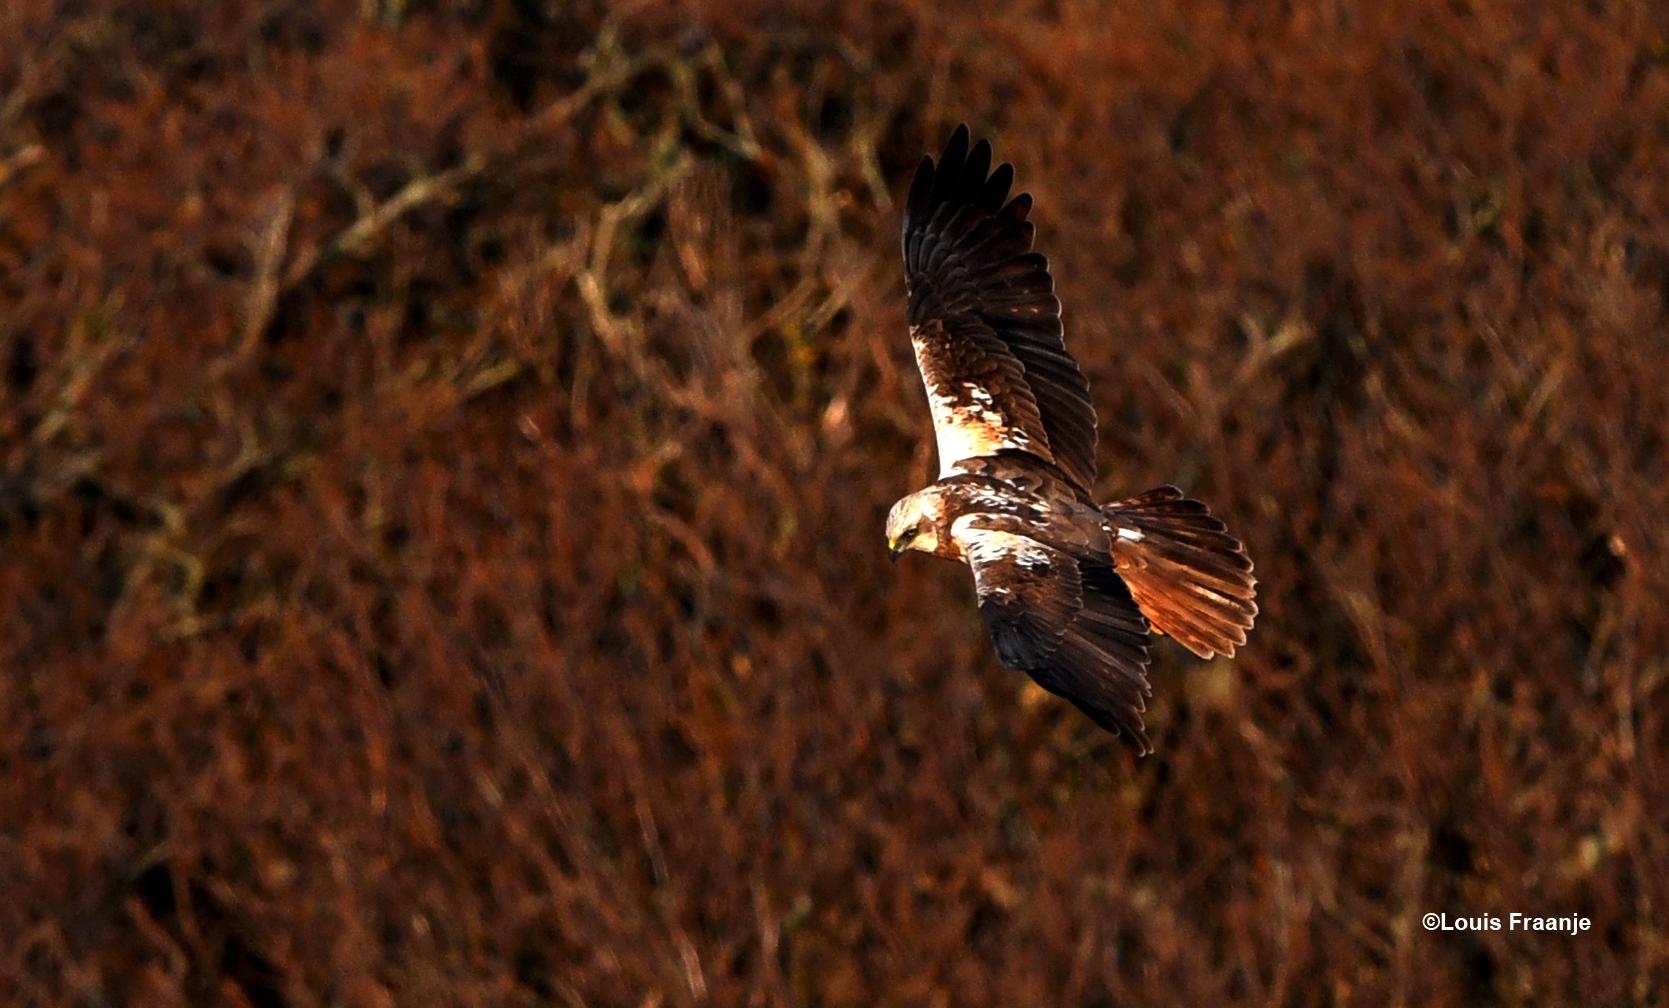 Daar zweefde ineens het vrouwtje van de bruine kiekendief - Foto: ©Louis Fraanje